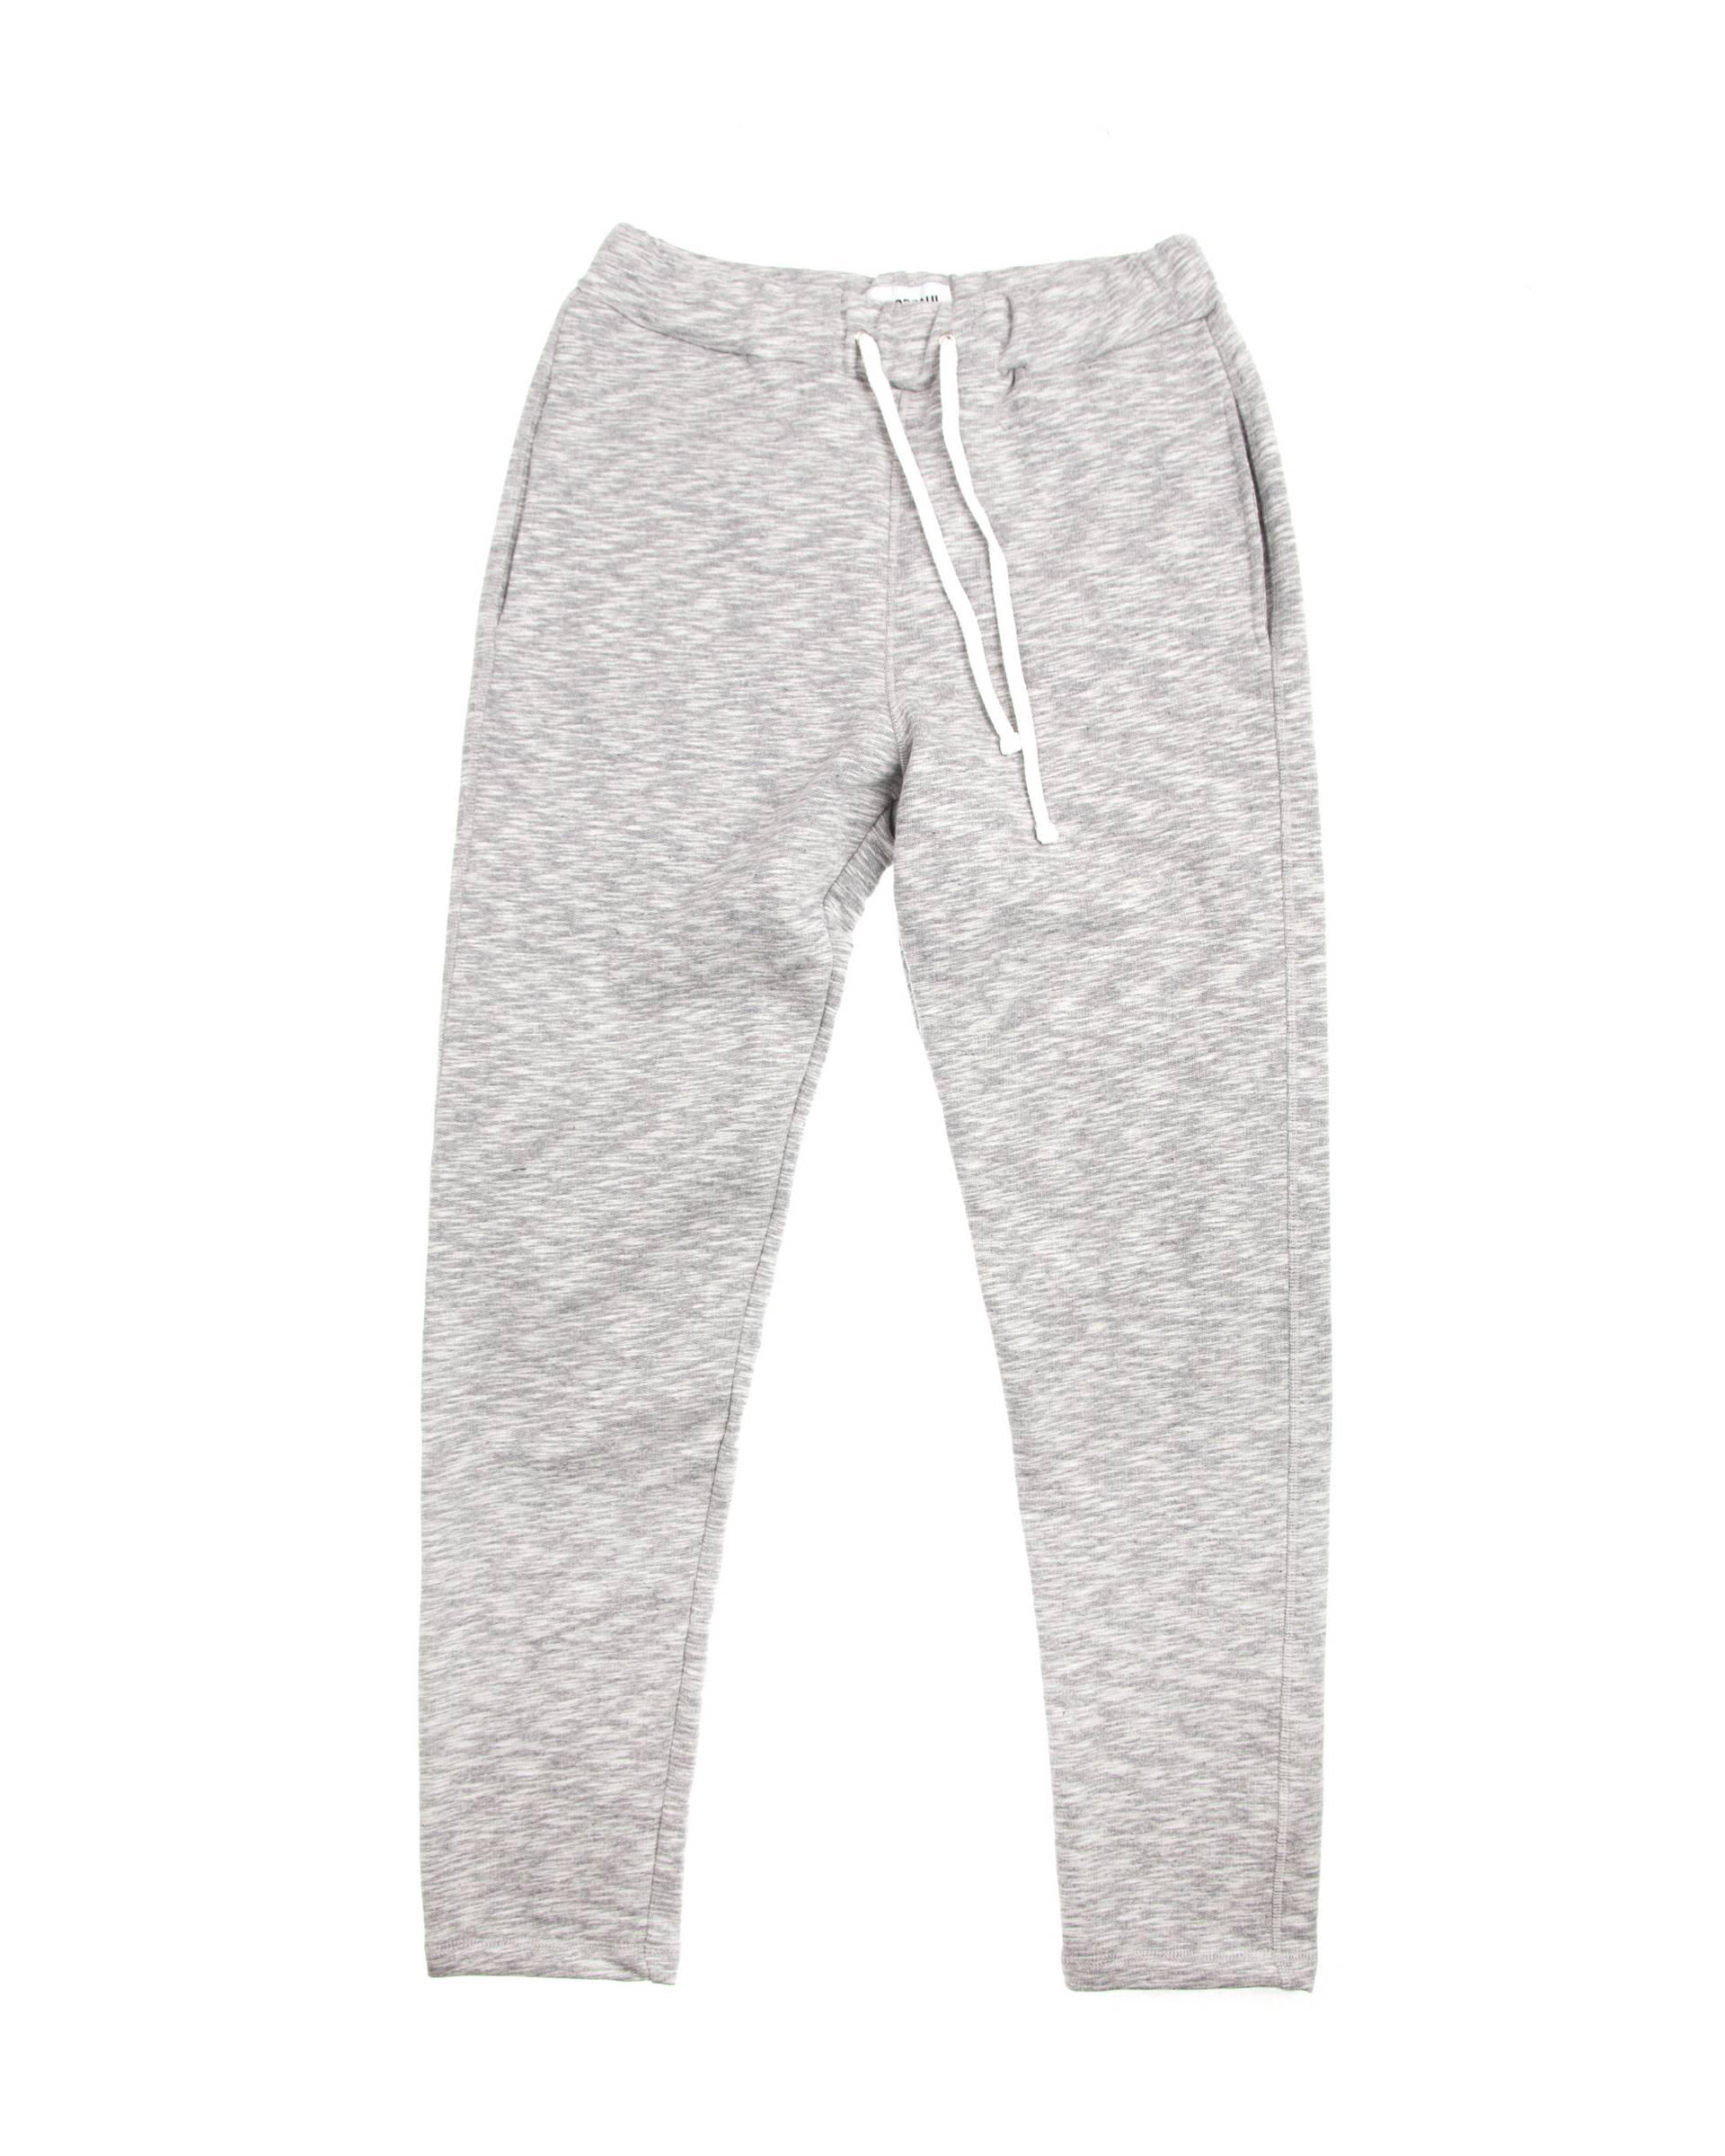 Спортивные штаны Sailorpaul Grey